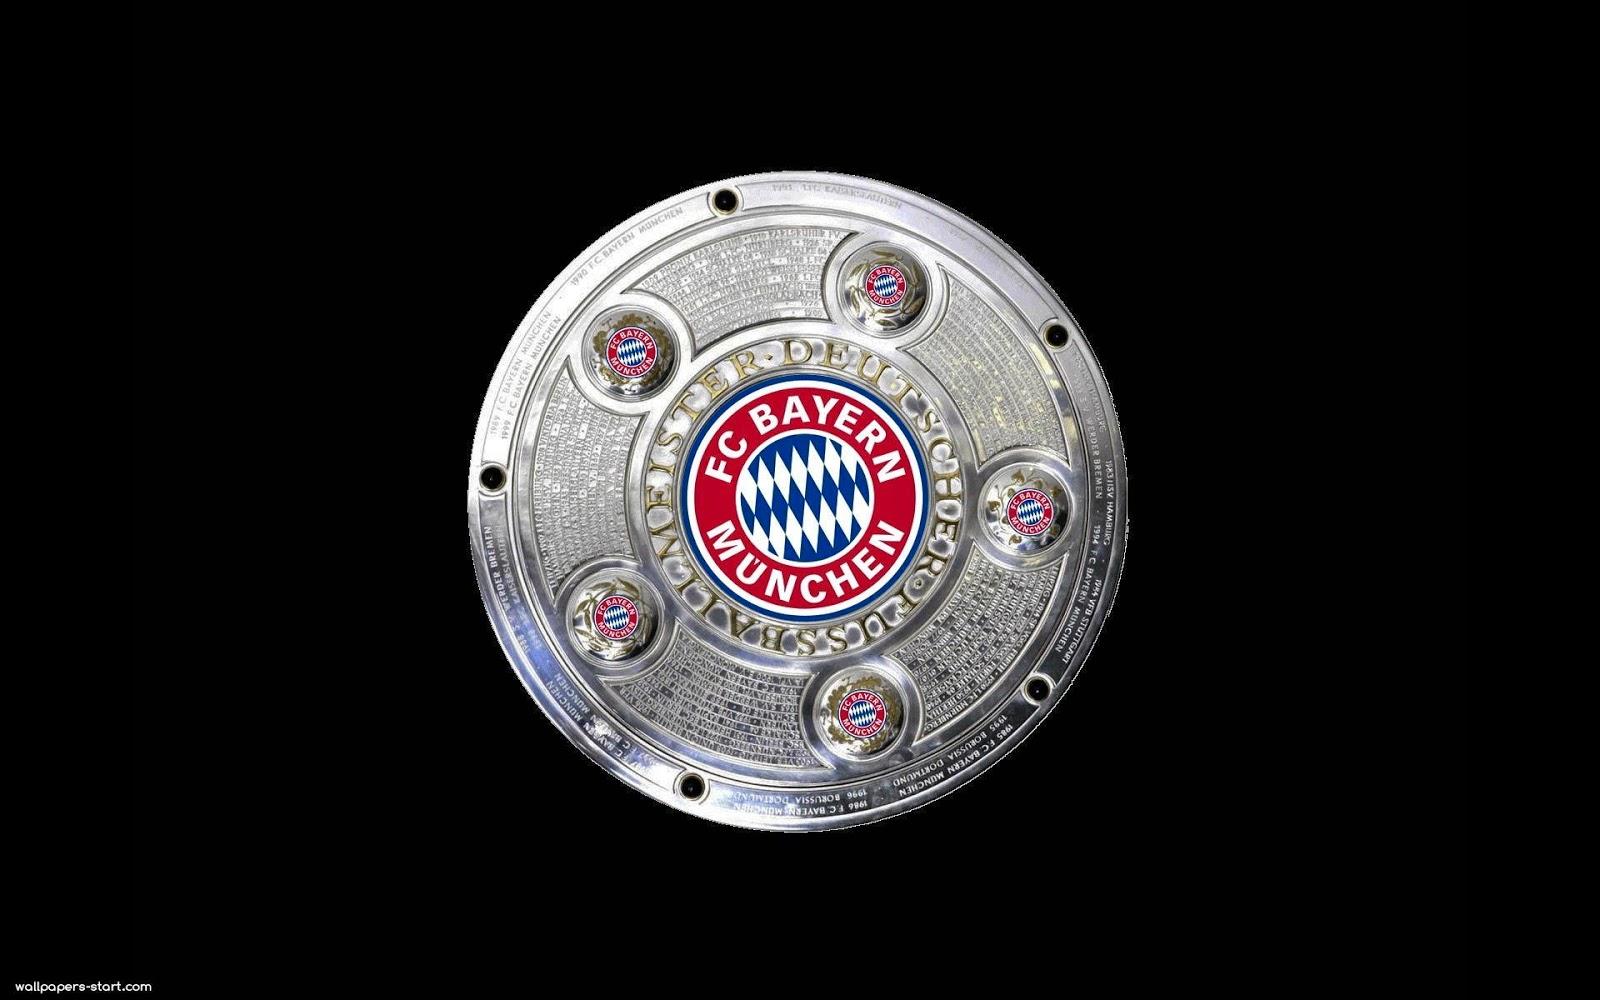 Bayern Munchen Football Club Wallpaper